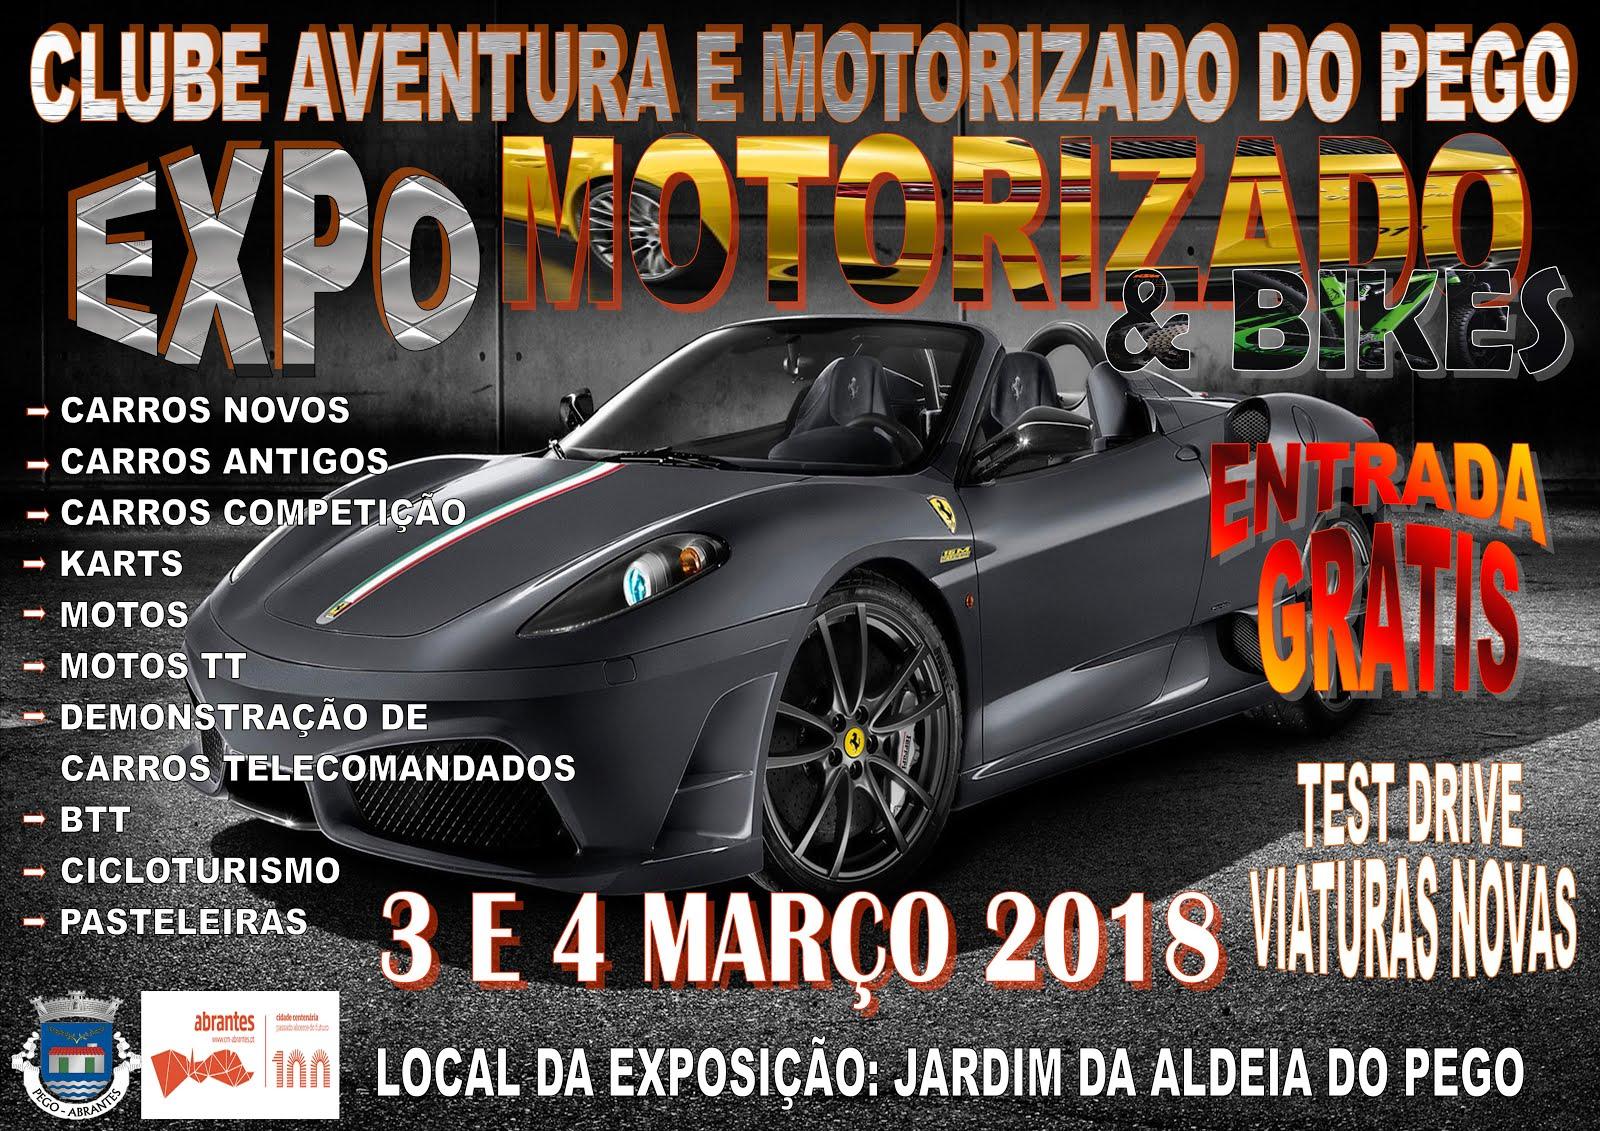 EXPO MOTORIZADO & BIKES 2018